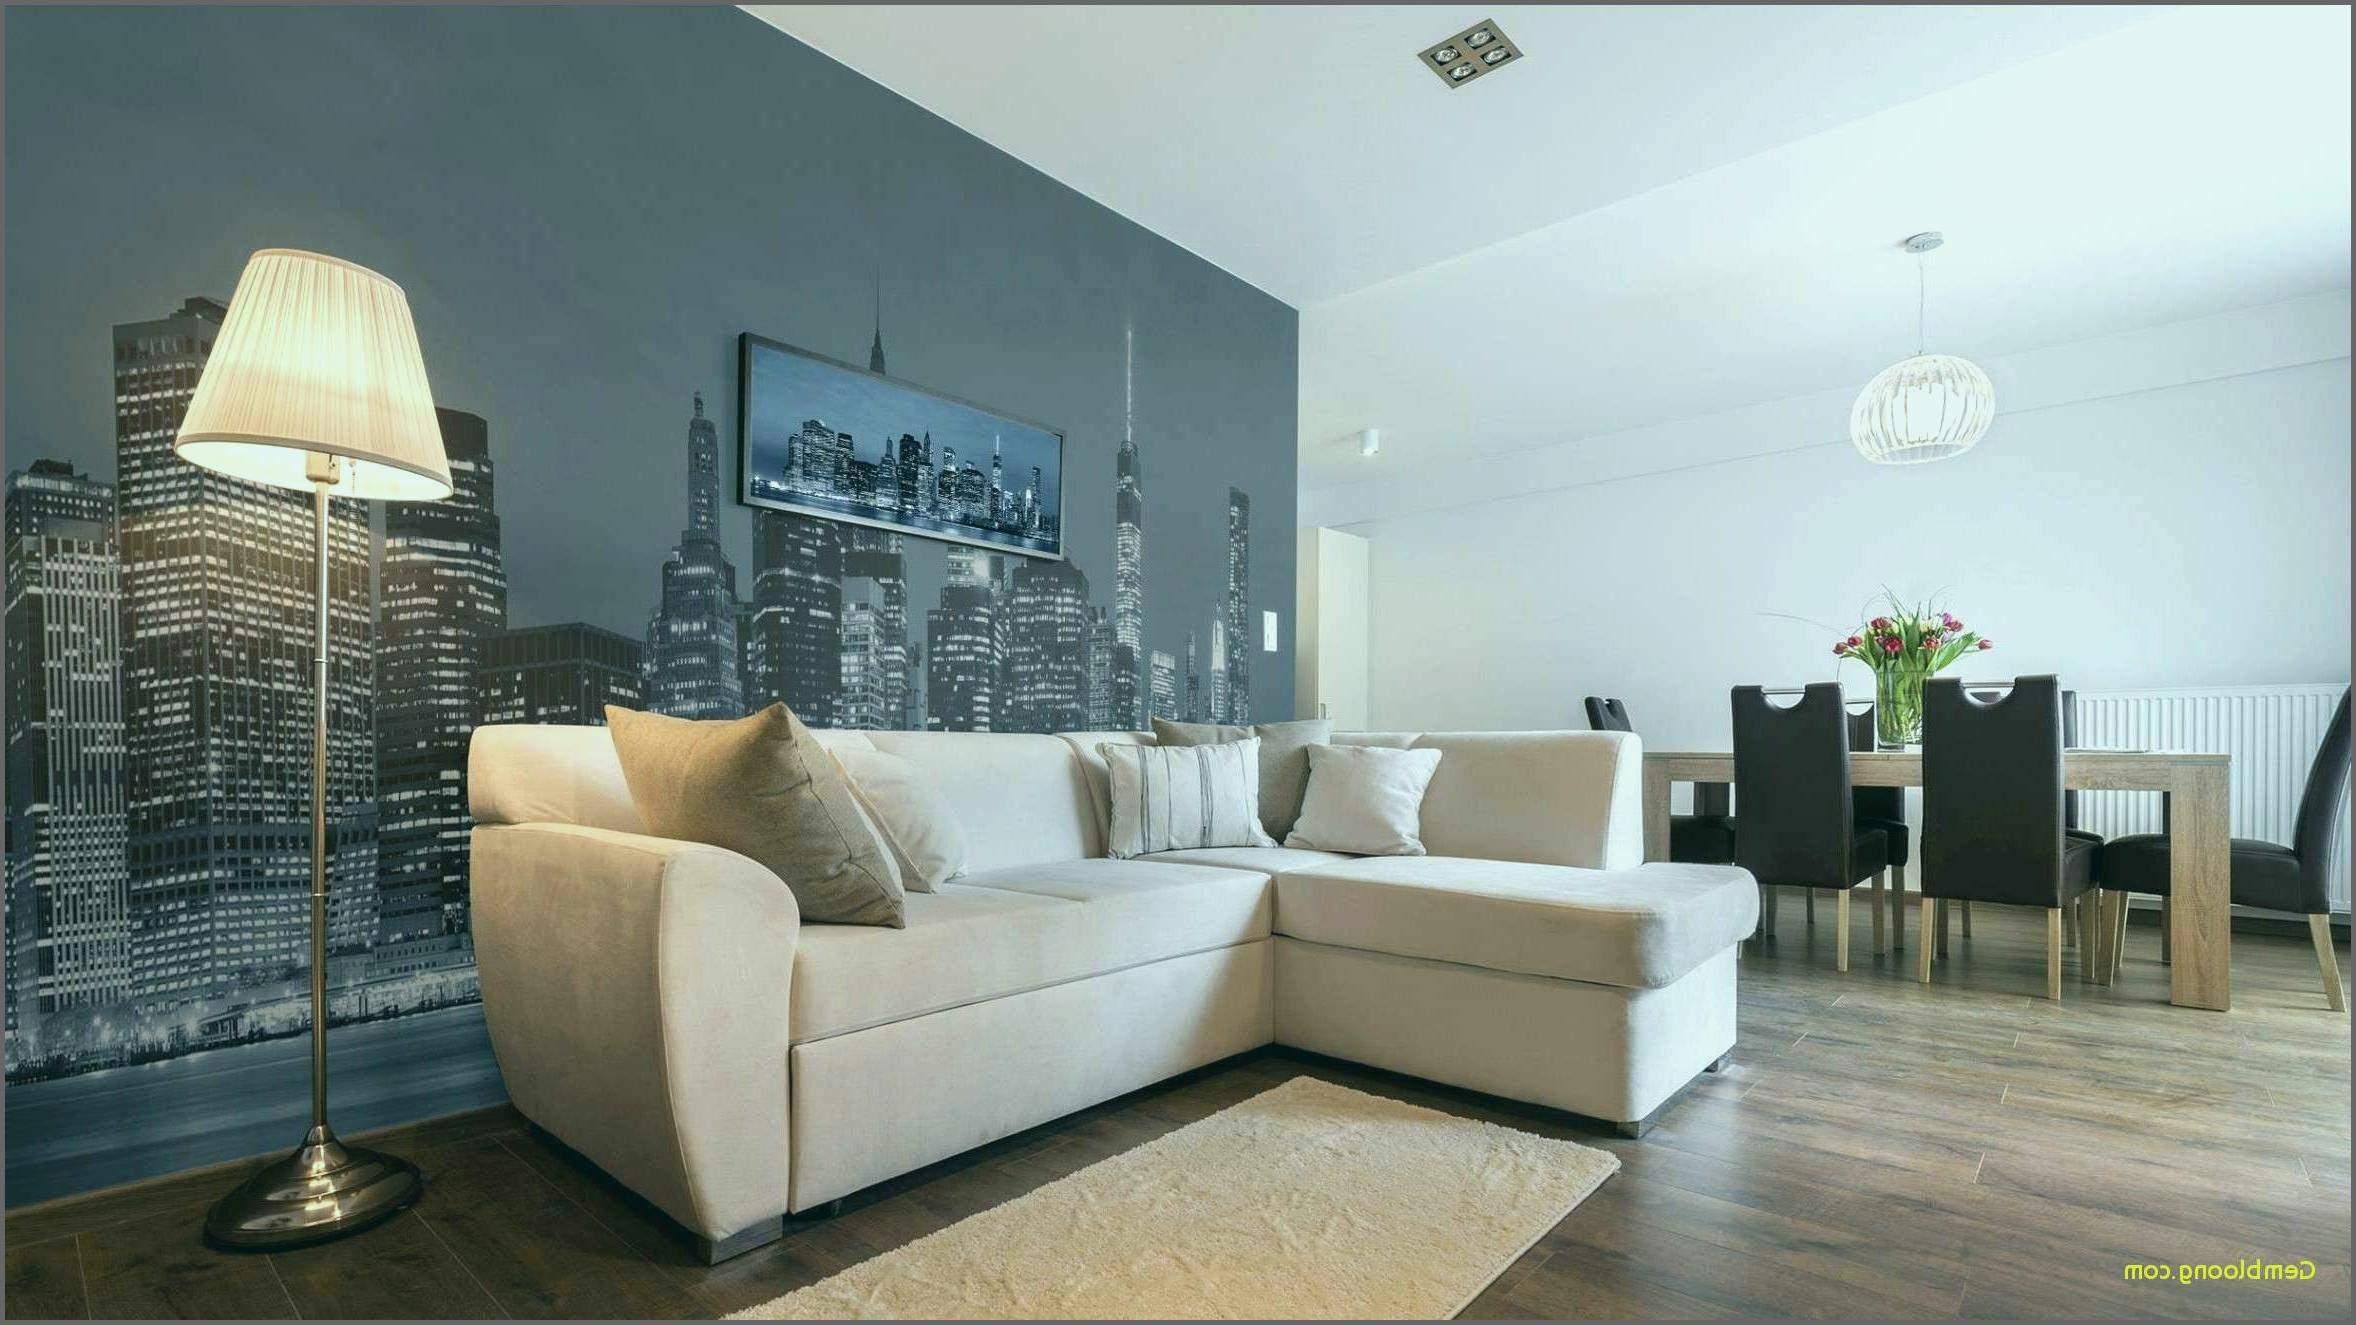 deko ideen selbermachen wohnzimmer frisch 32 fantastisch und makellos wohnzimmer wand dekorieren of deko ideen selbermachen wohnzimmer